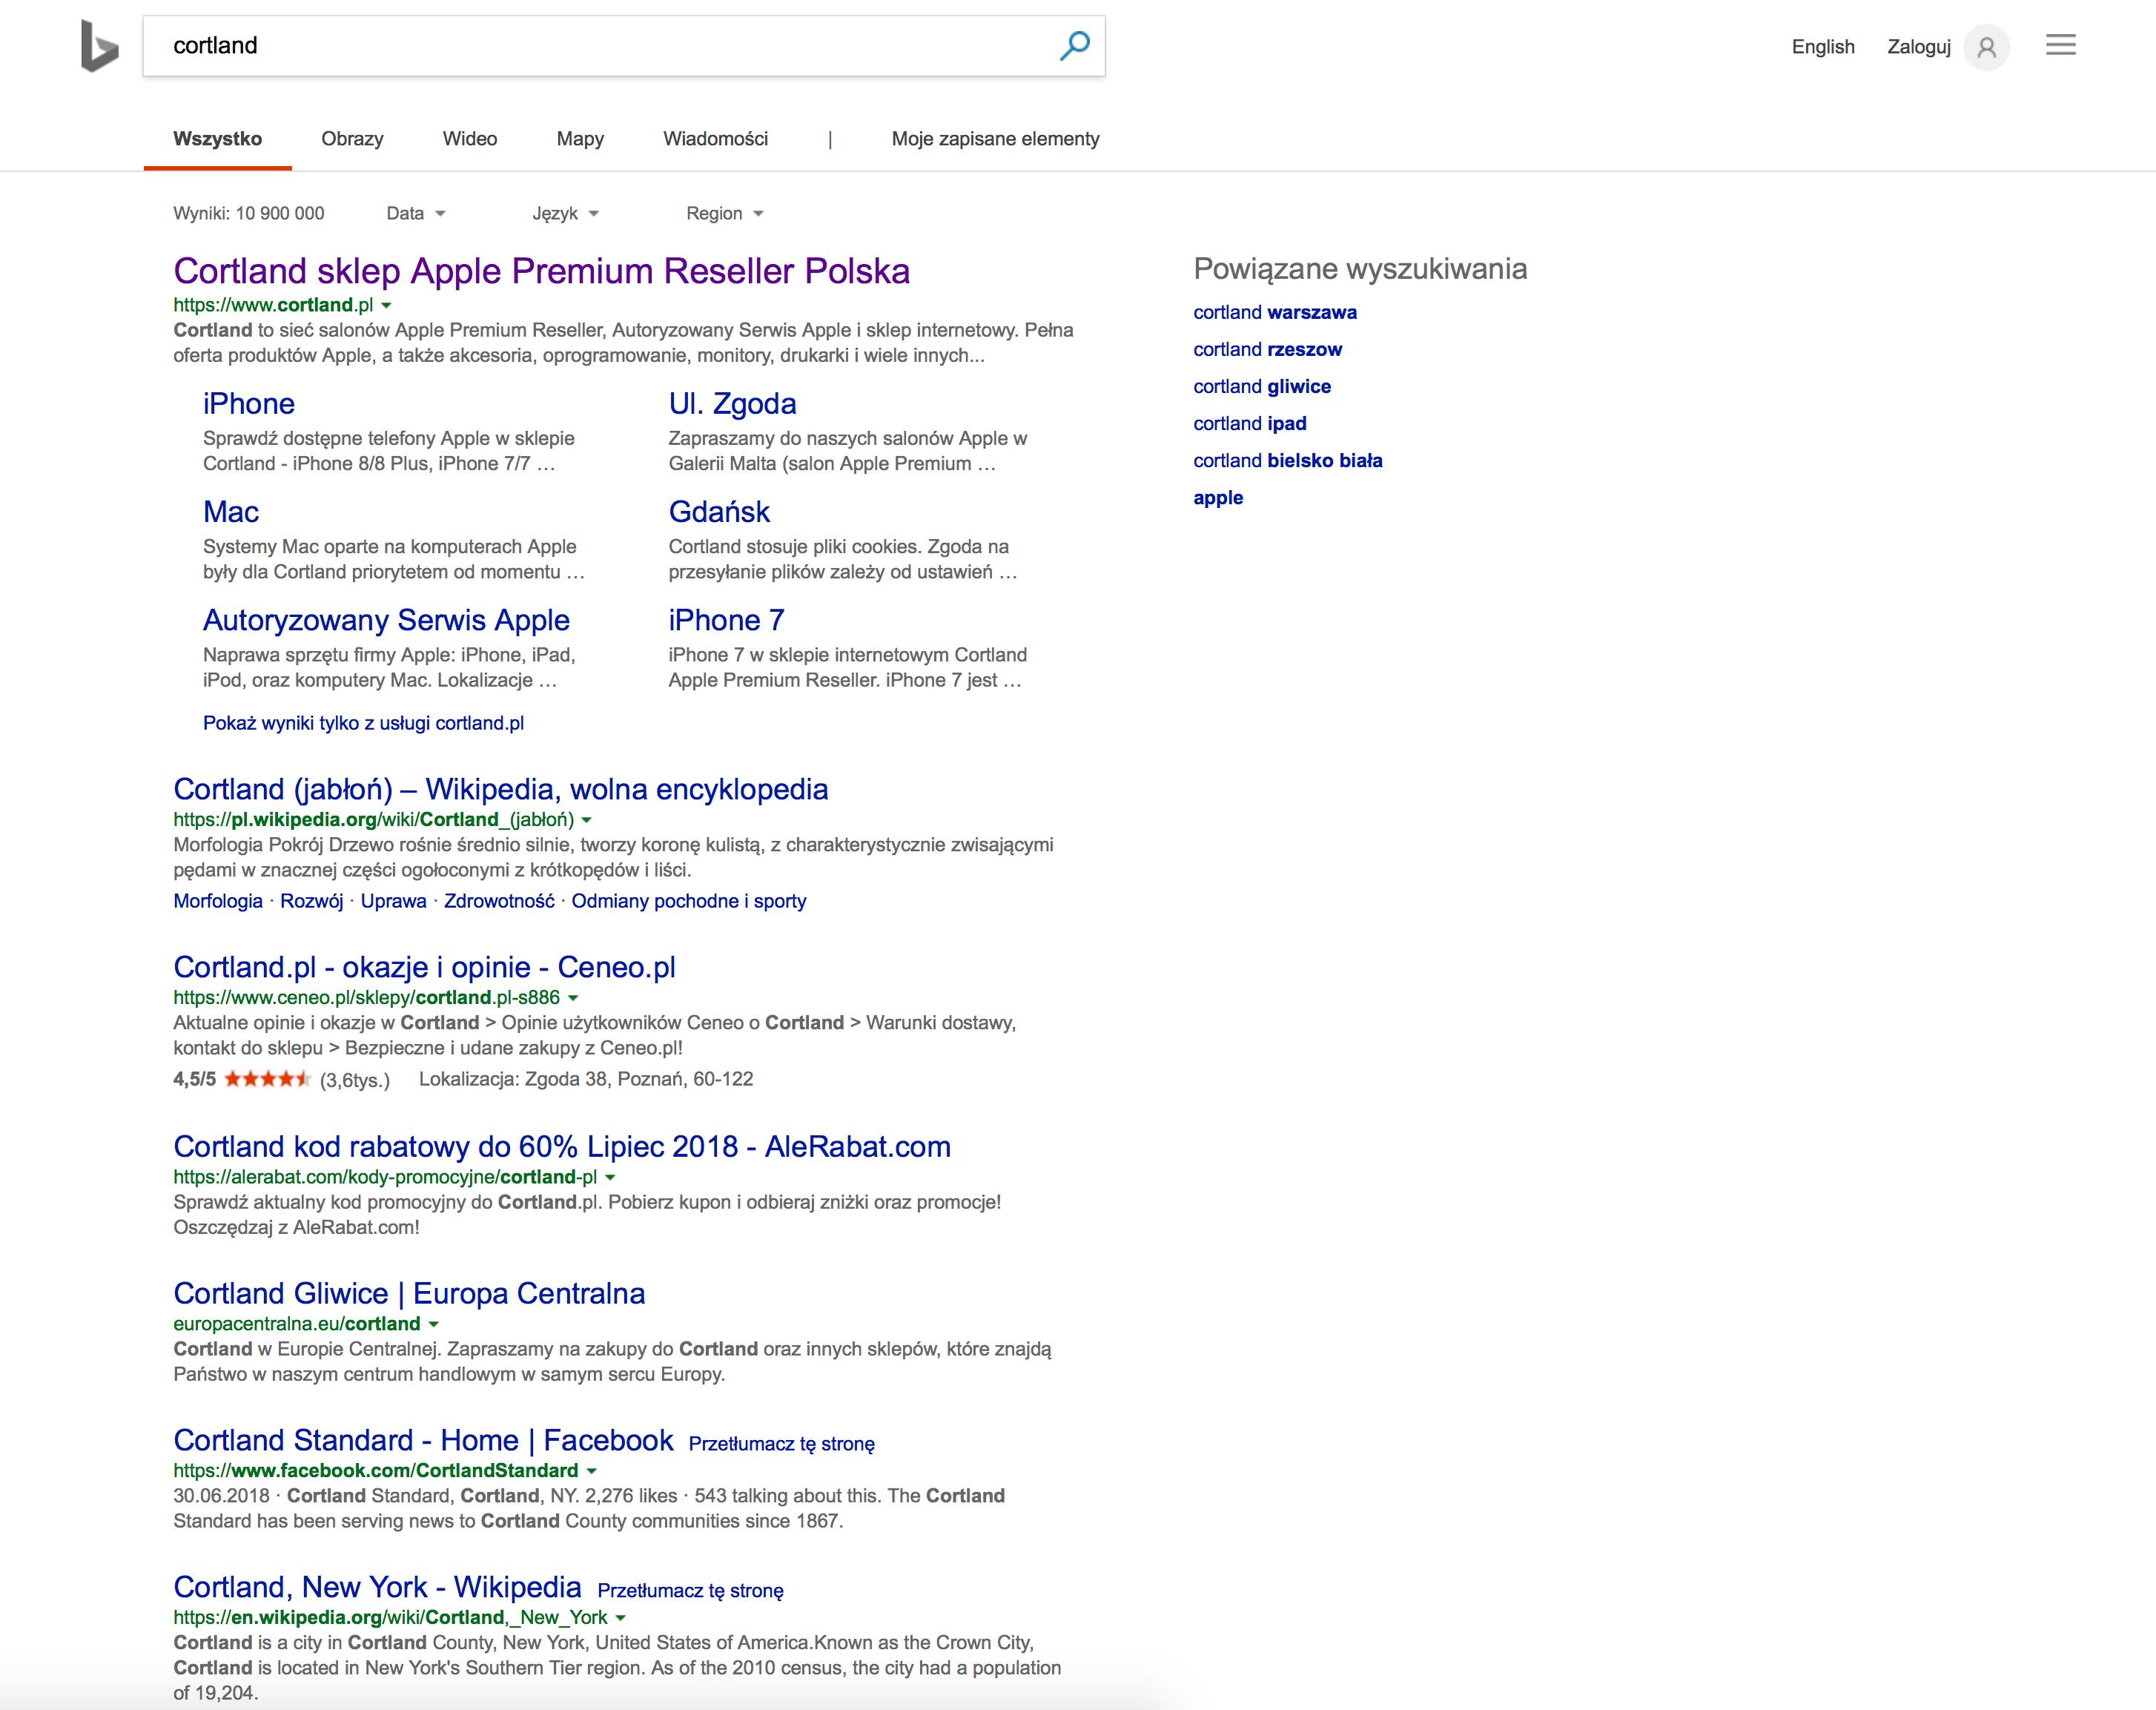 Bing czy Google - porównanie